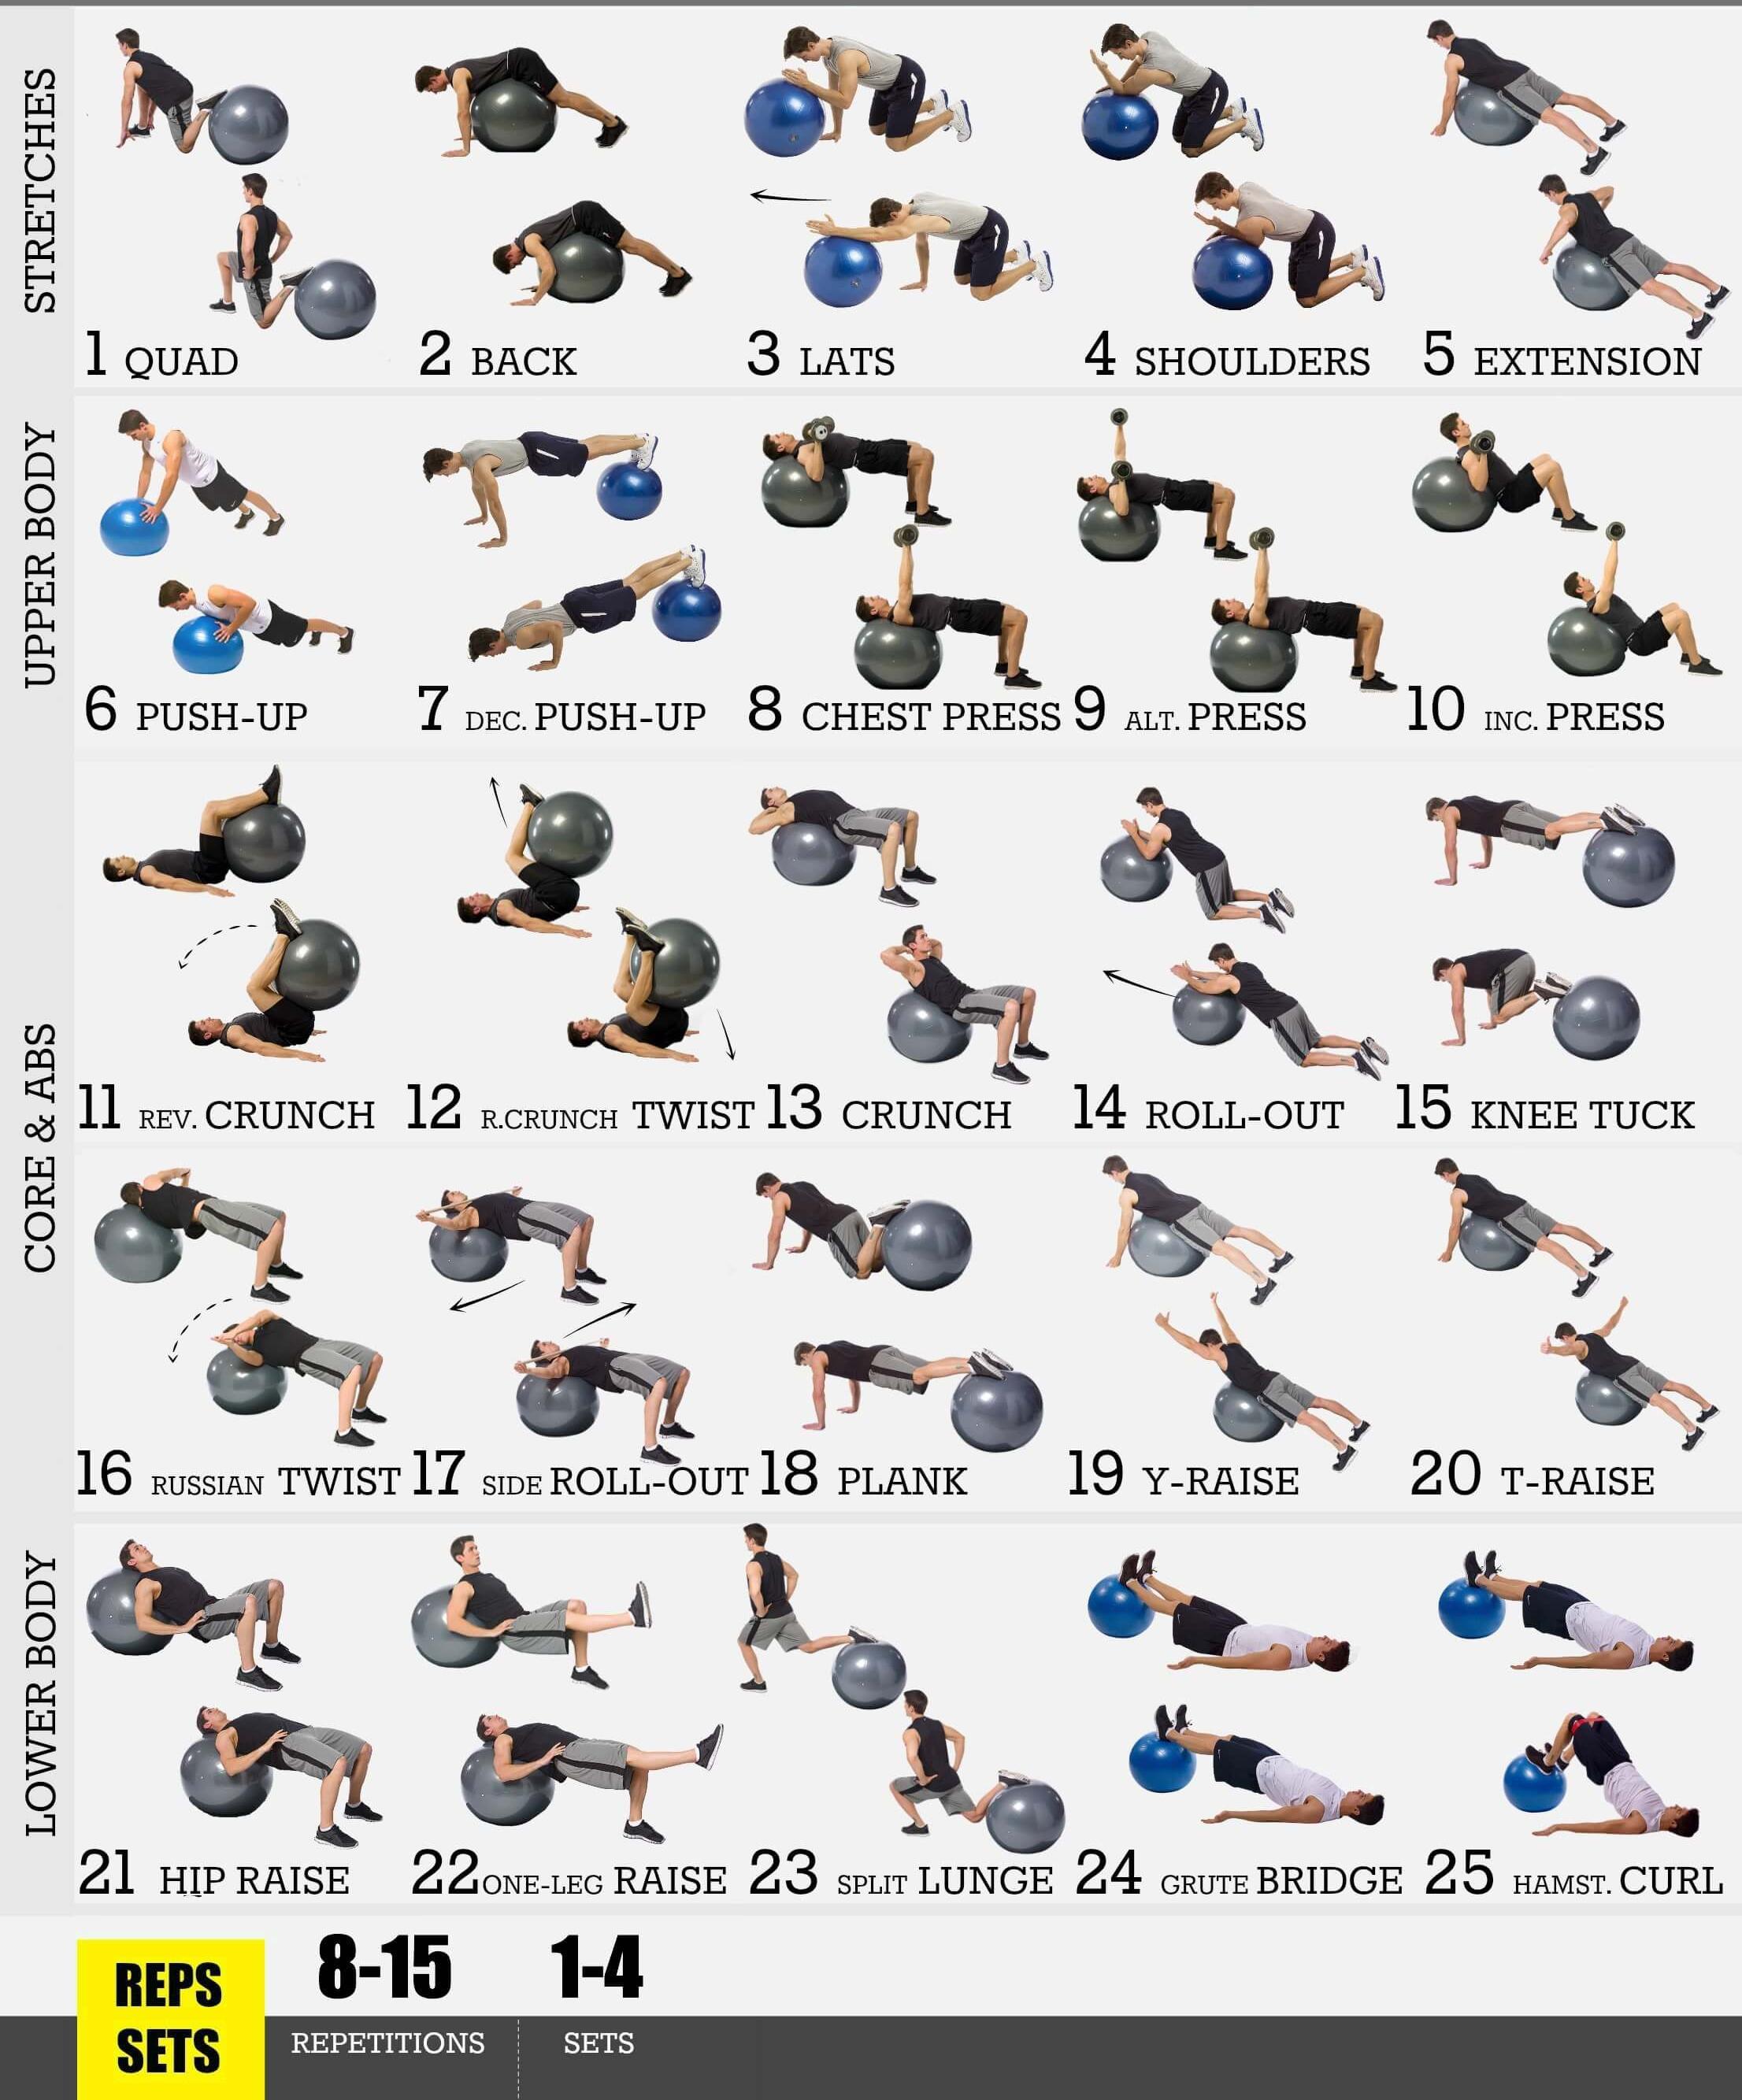 fitness_labda.jpg